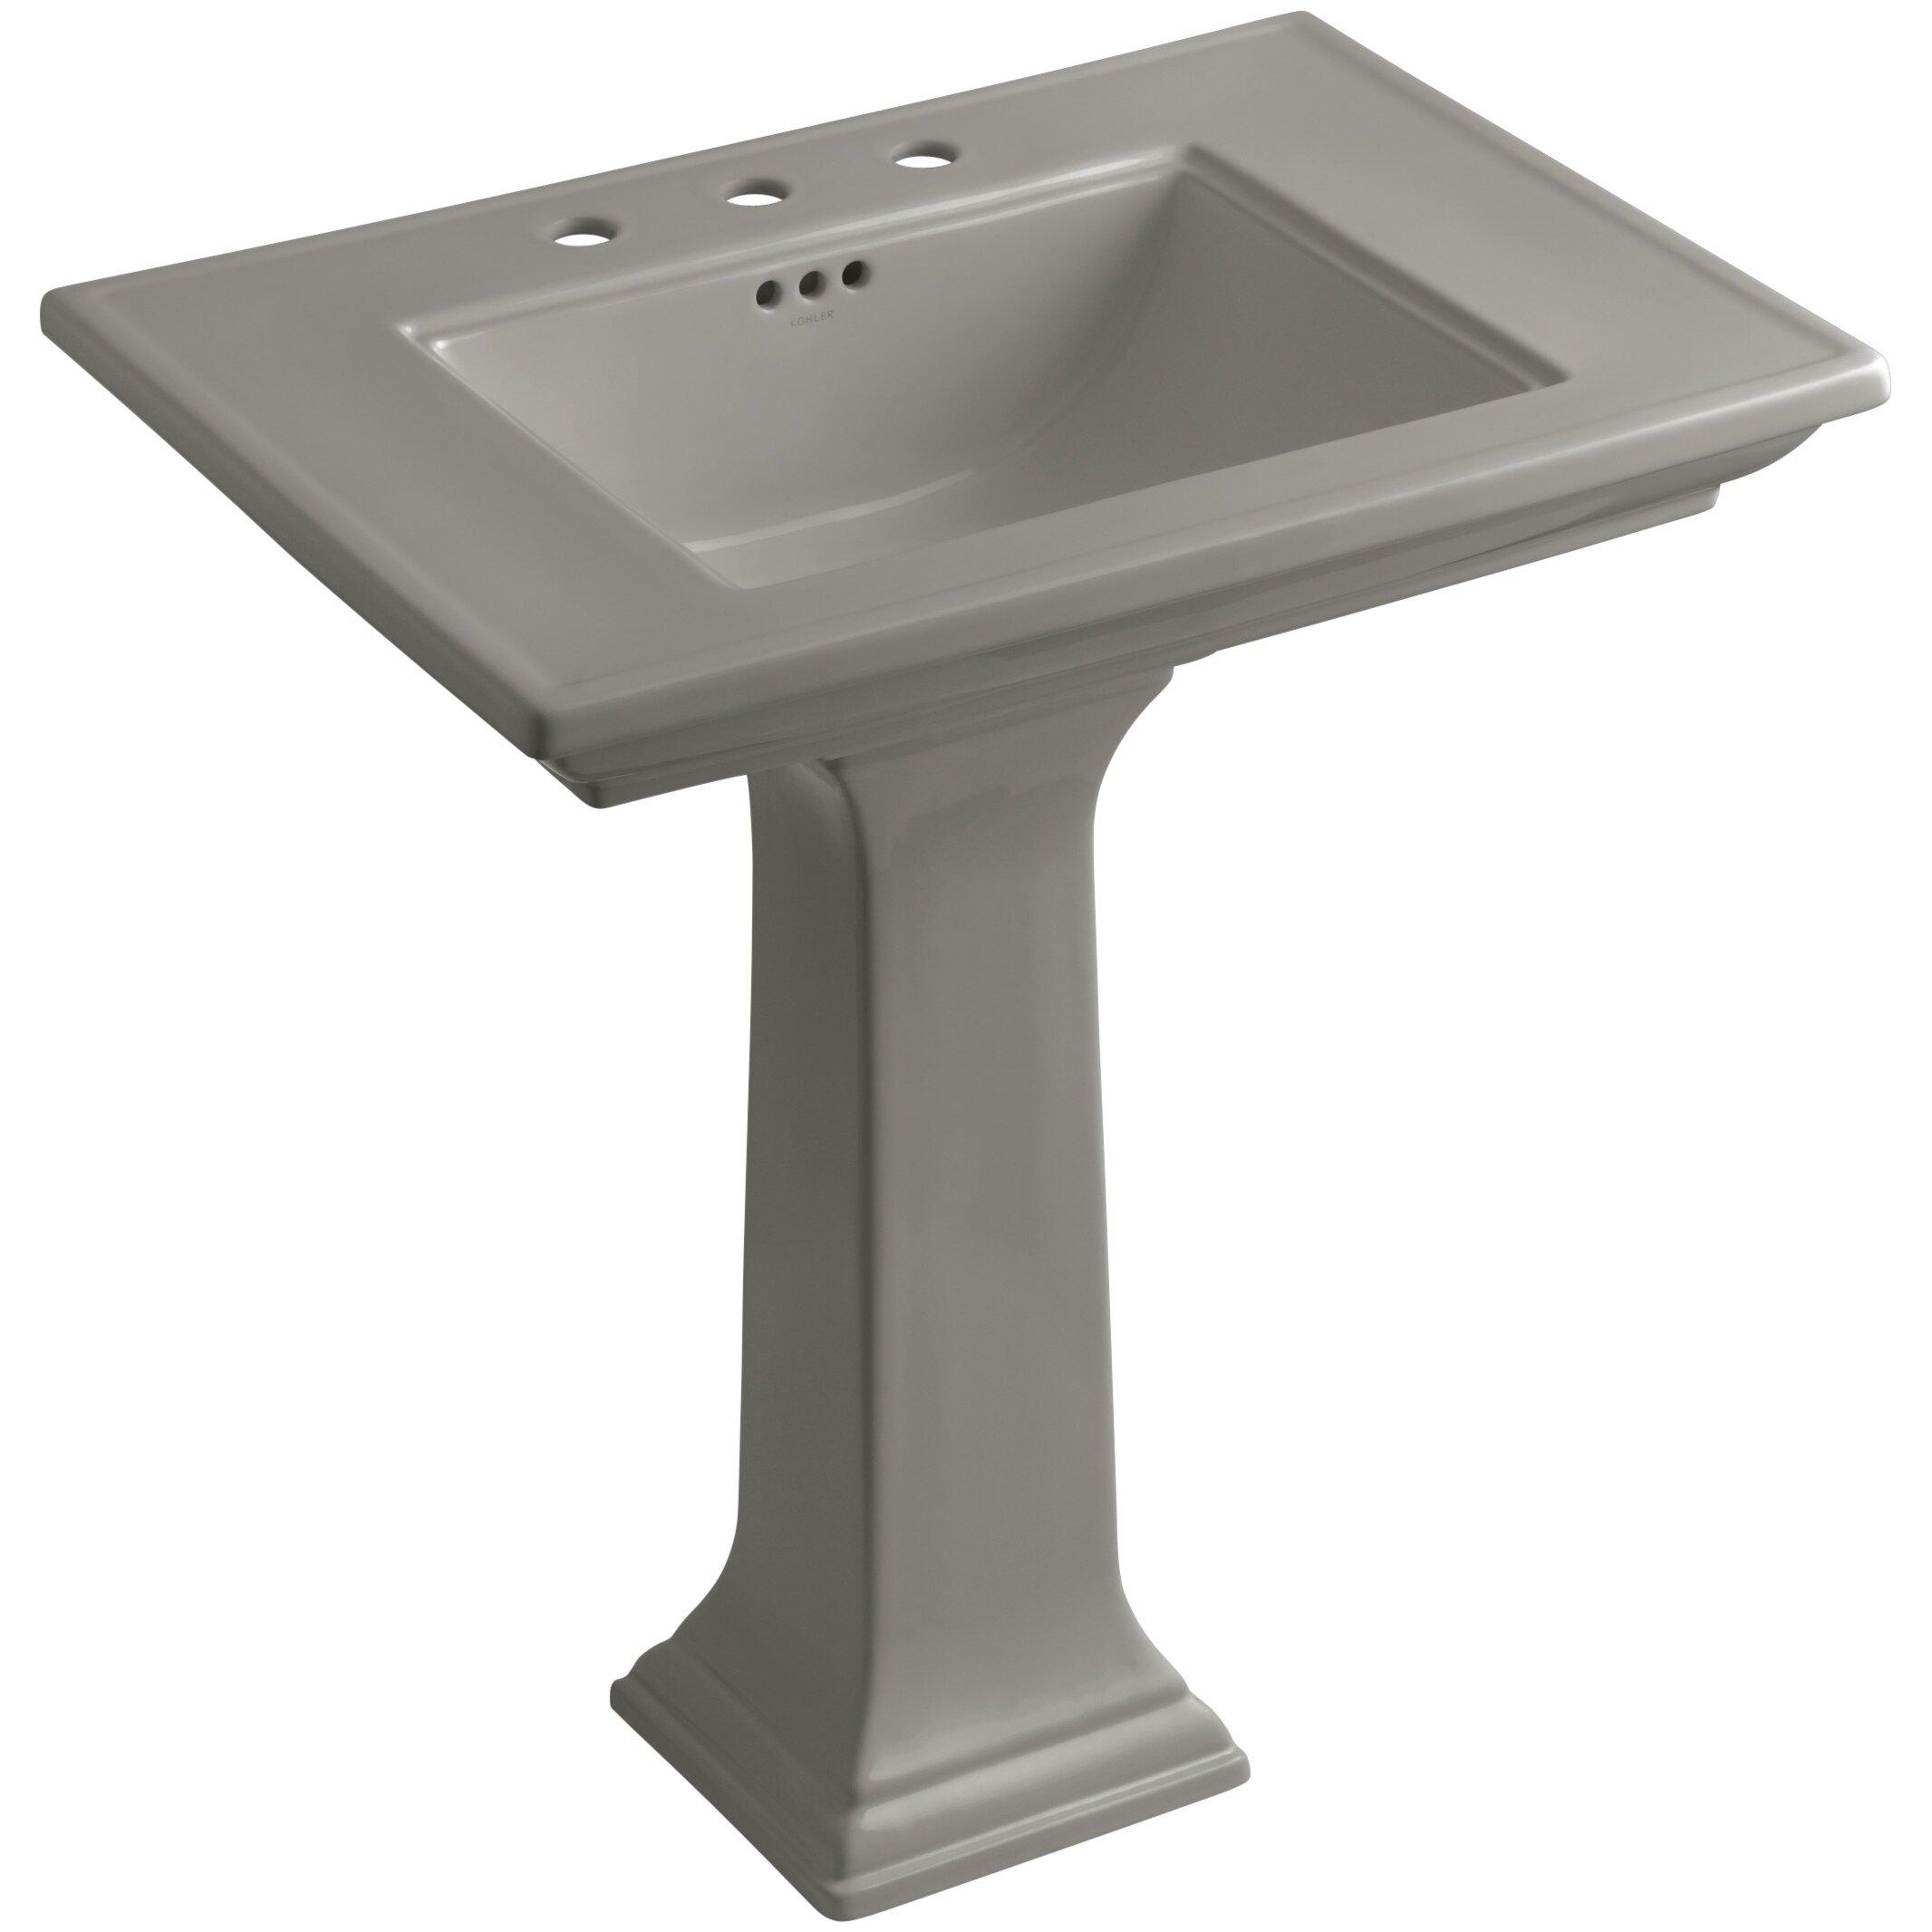 Kohler Memoirs Pedestal Sink : Kohler Memoirs Stately 30